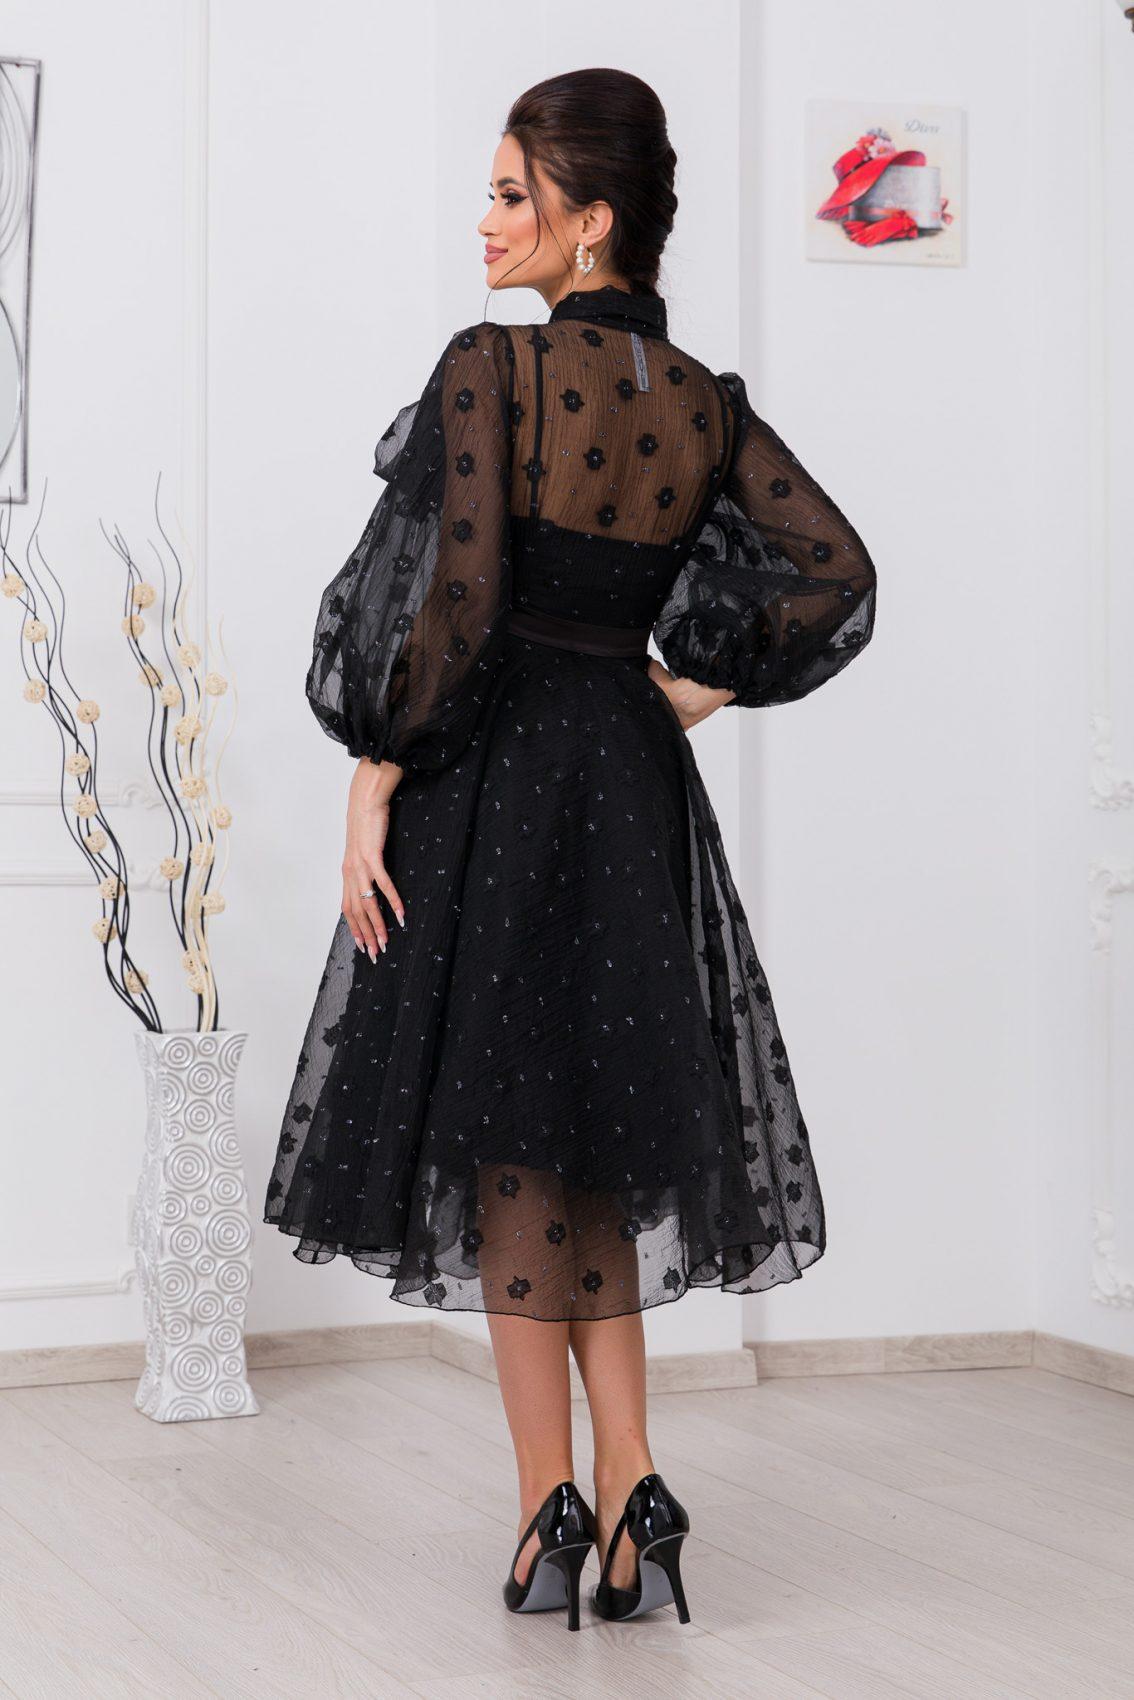 Μαύρο Φόρεμα Με Φουσκωτά Μανίκια Charming 9741 2